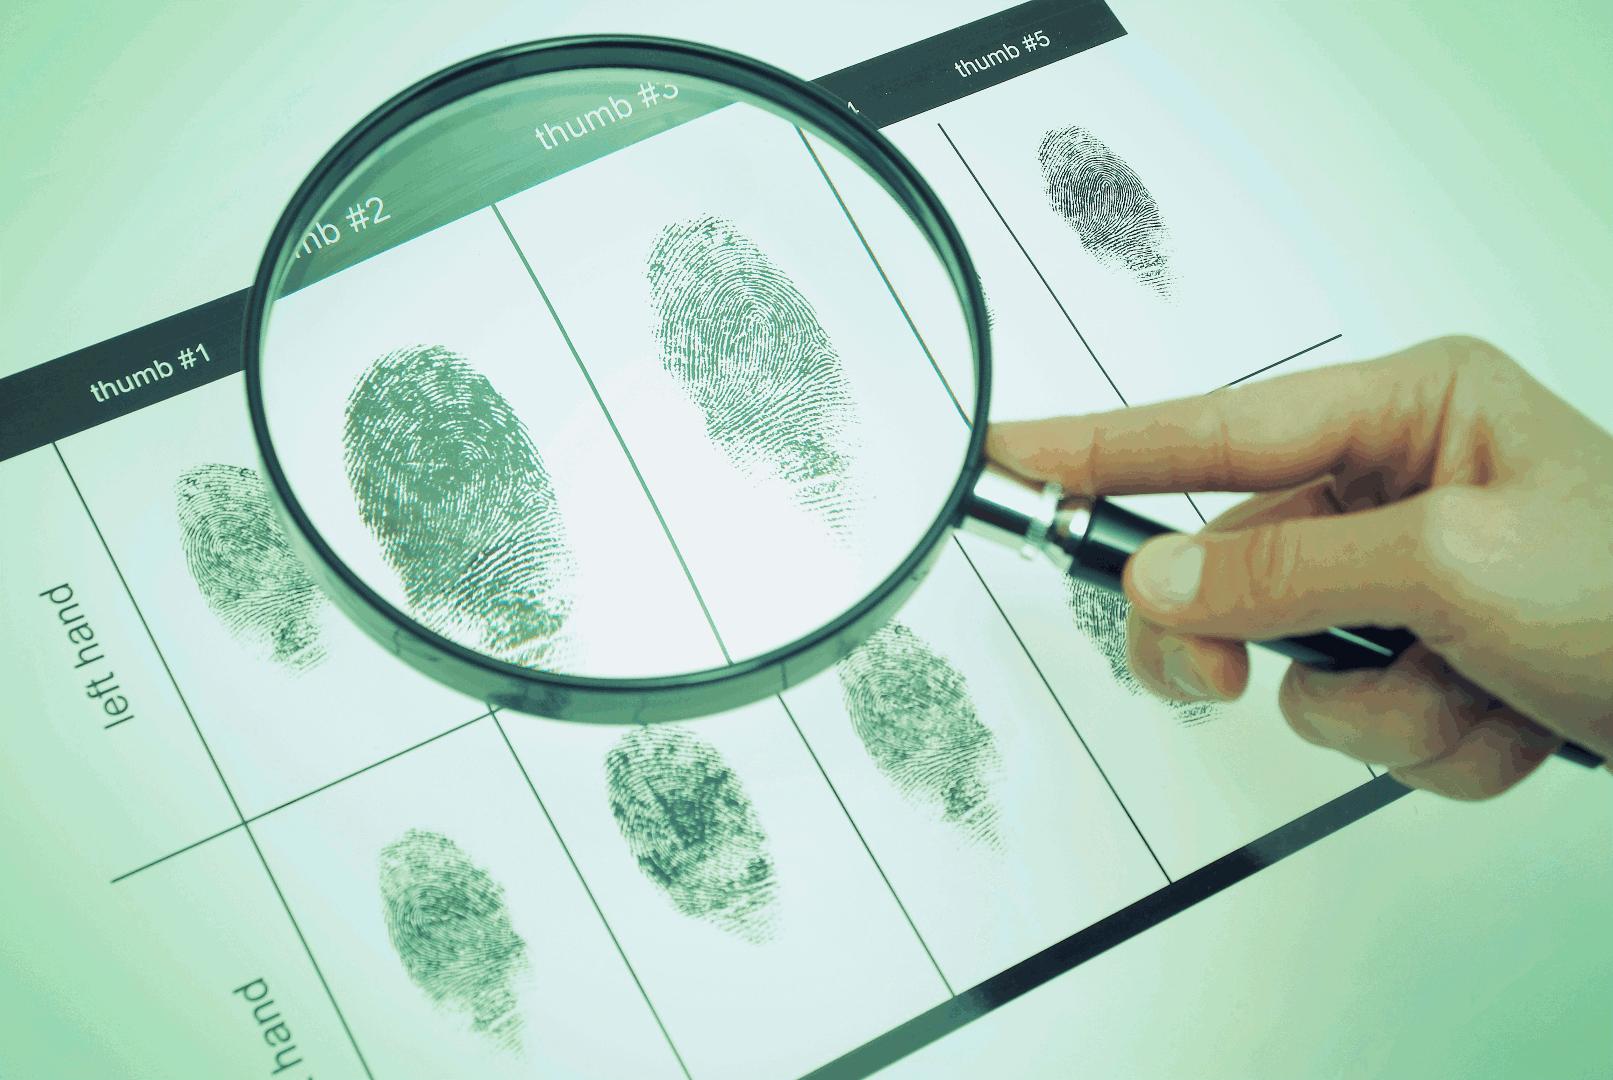 Картинки про криминалистику